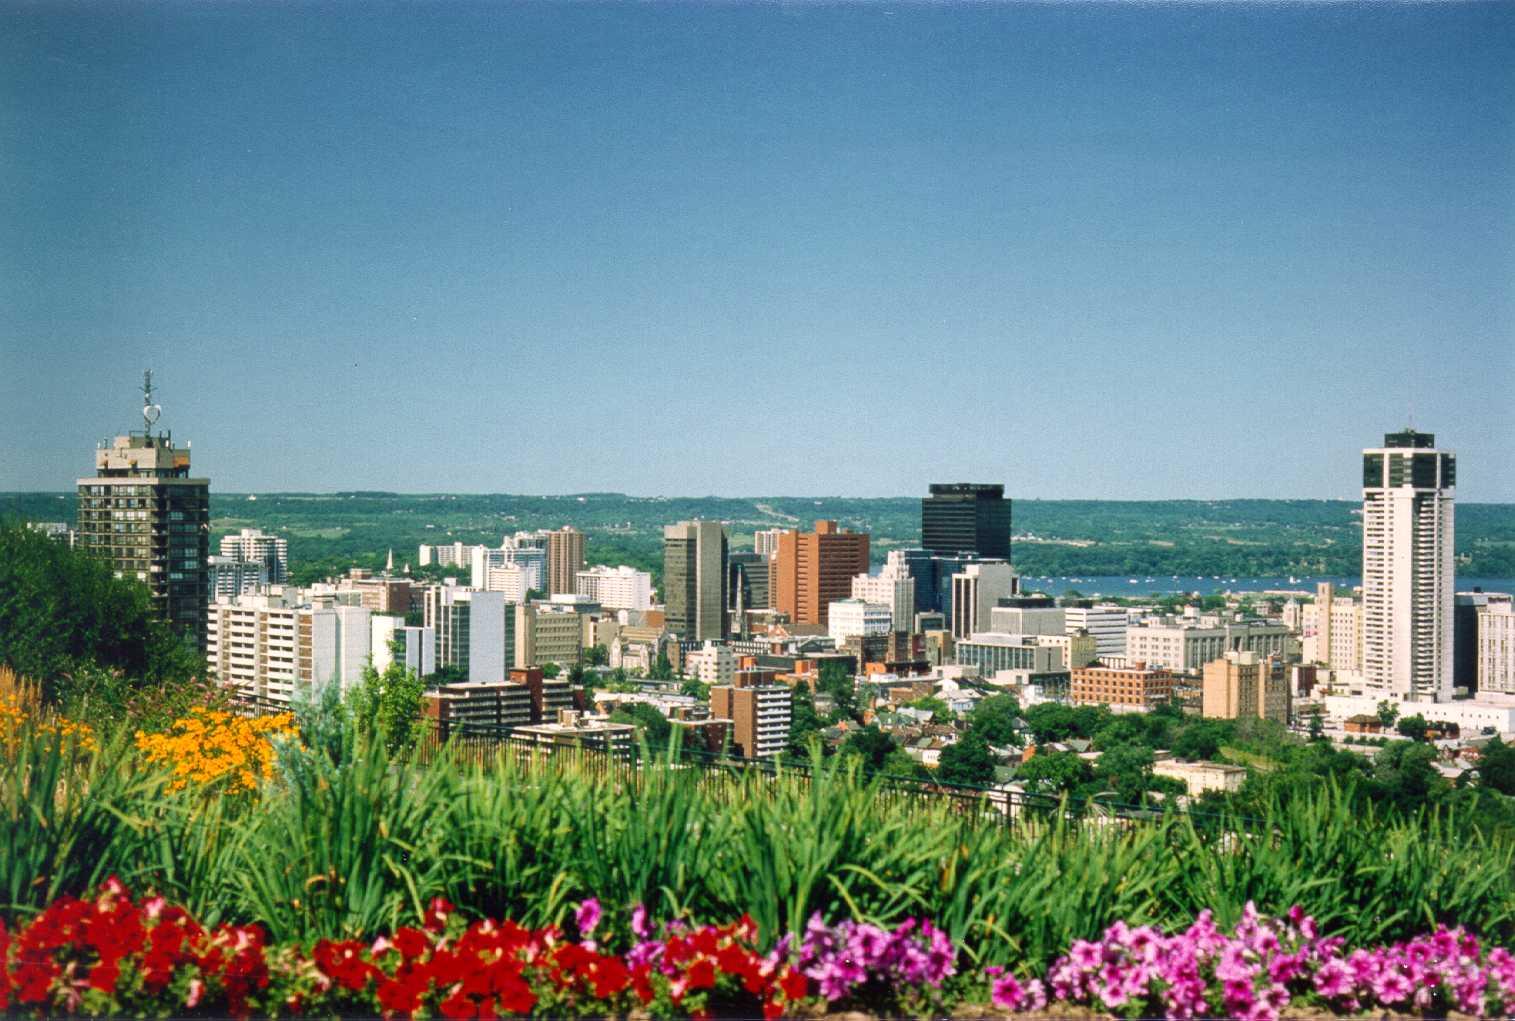 Топ - 5 студенческих городов Канады - Гамильтон